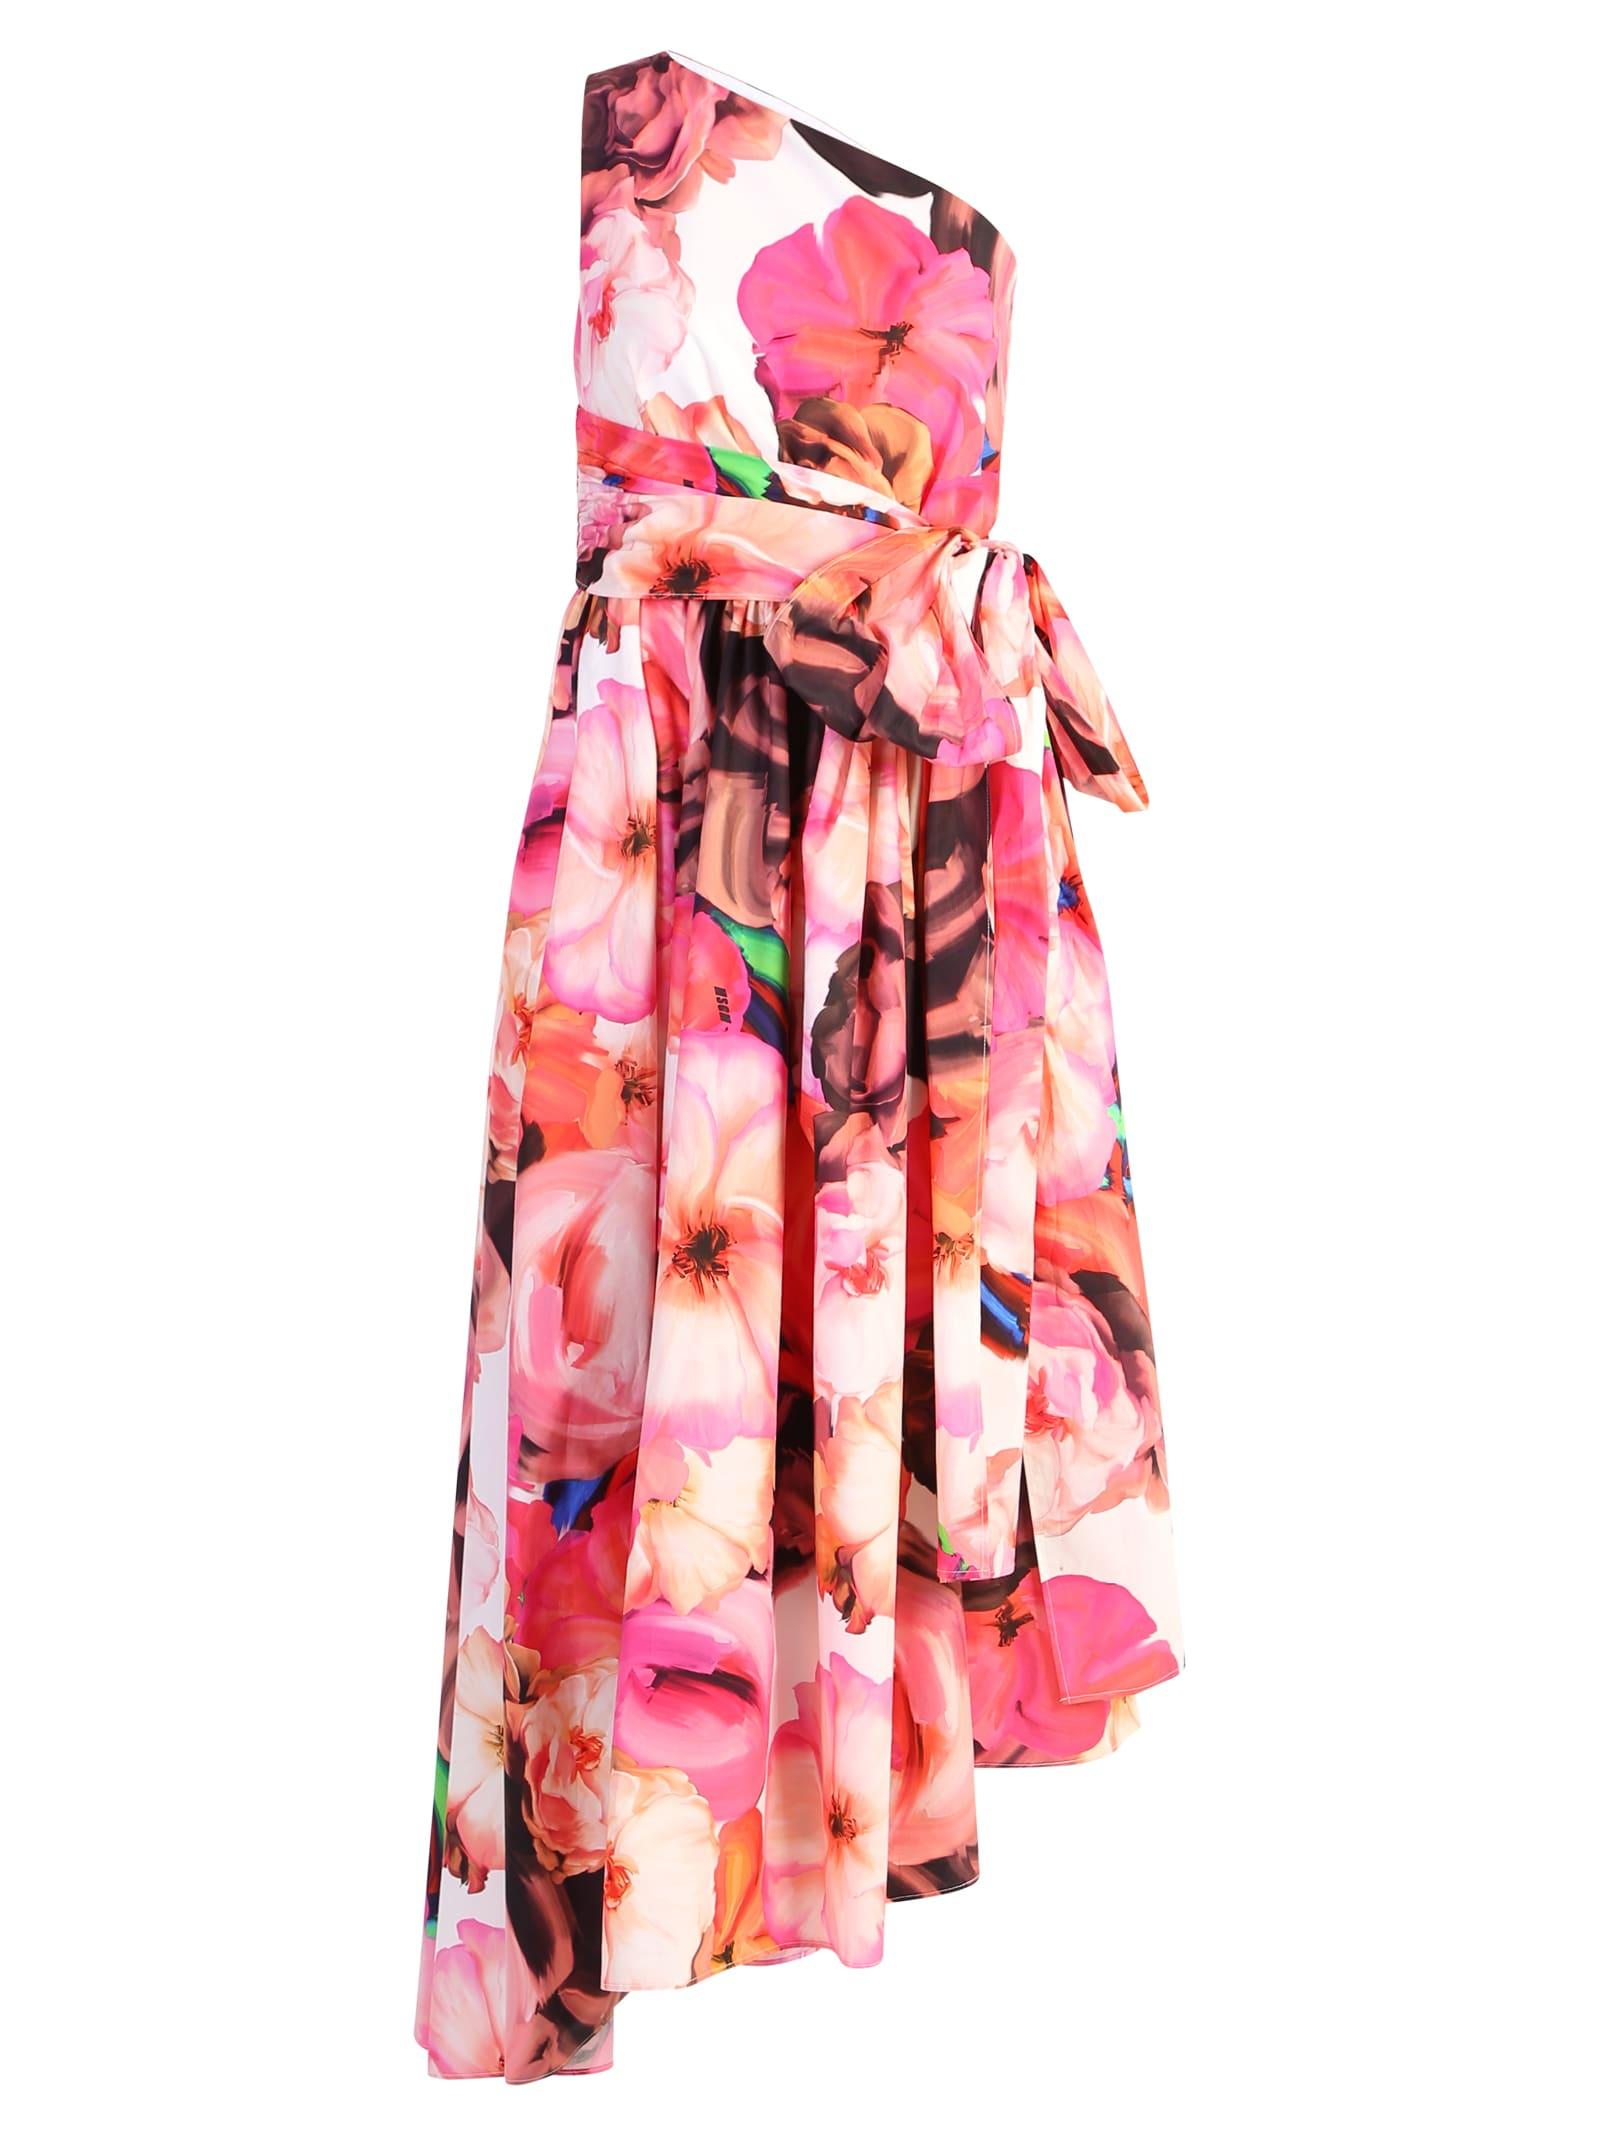 MSGM Floral Motif Dress